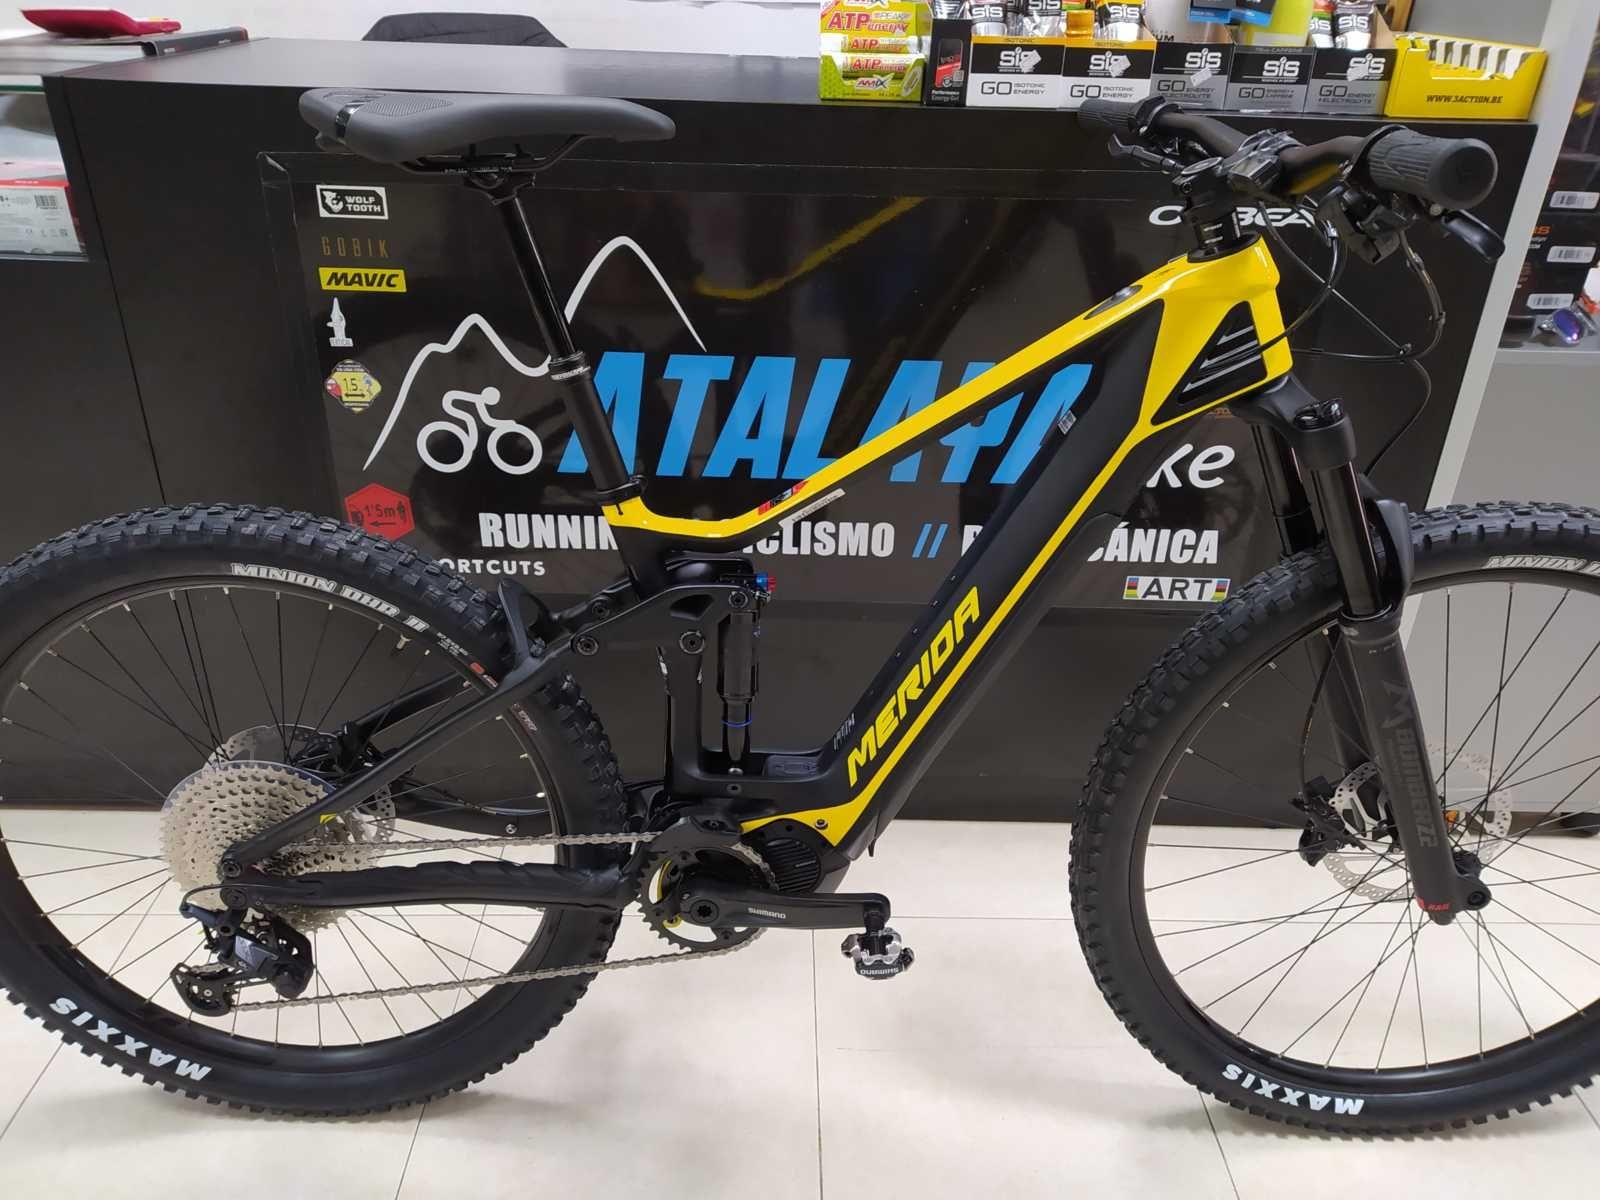 Bicicleta Merida E One Forty 5000 En Talla M 53538 Categoría Bicicleta Eléctrica De Montaña Año 2020 Ca Bicicletas Merida Bicicletas Bicicleta Electrica